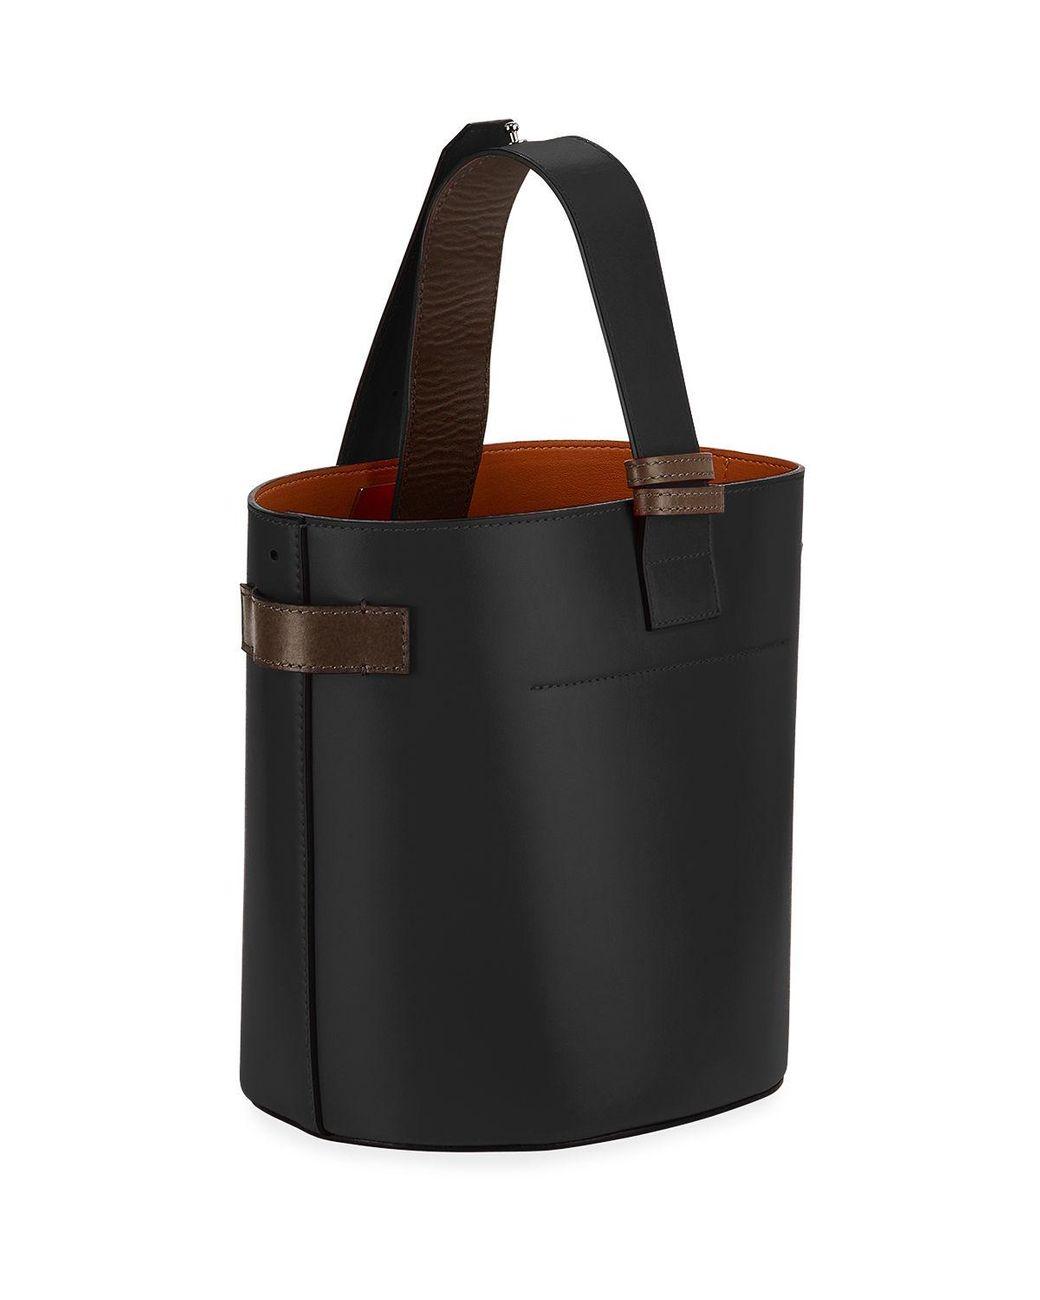 """B.MAKOWSKY /""""Isabel/"""" Cross Body Shoulder Bag Green LEATHER HANDBAG"""